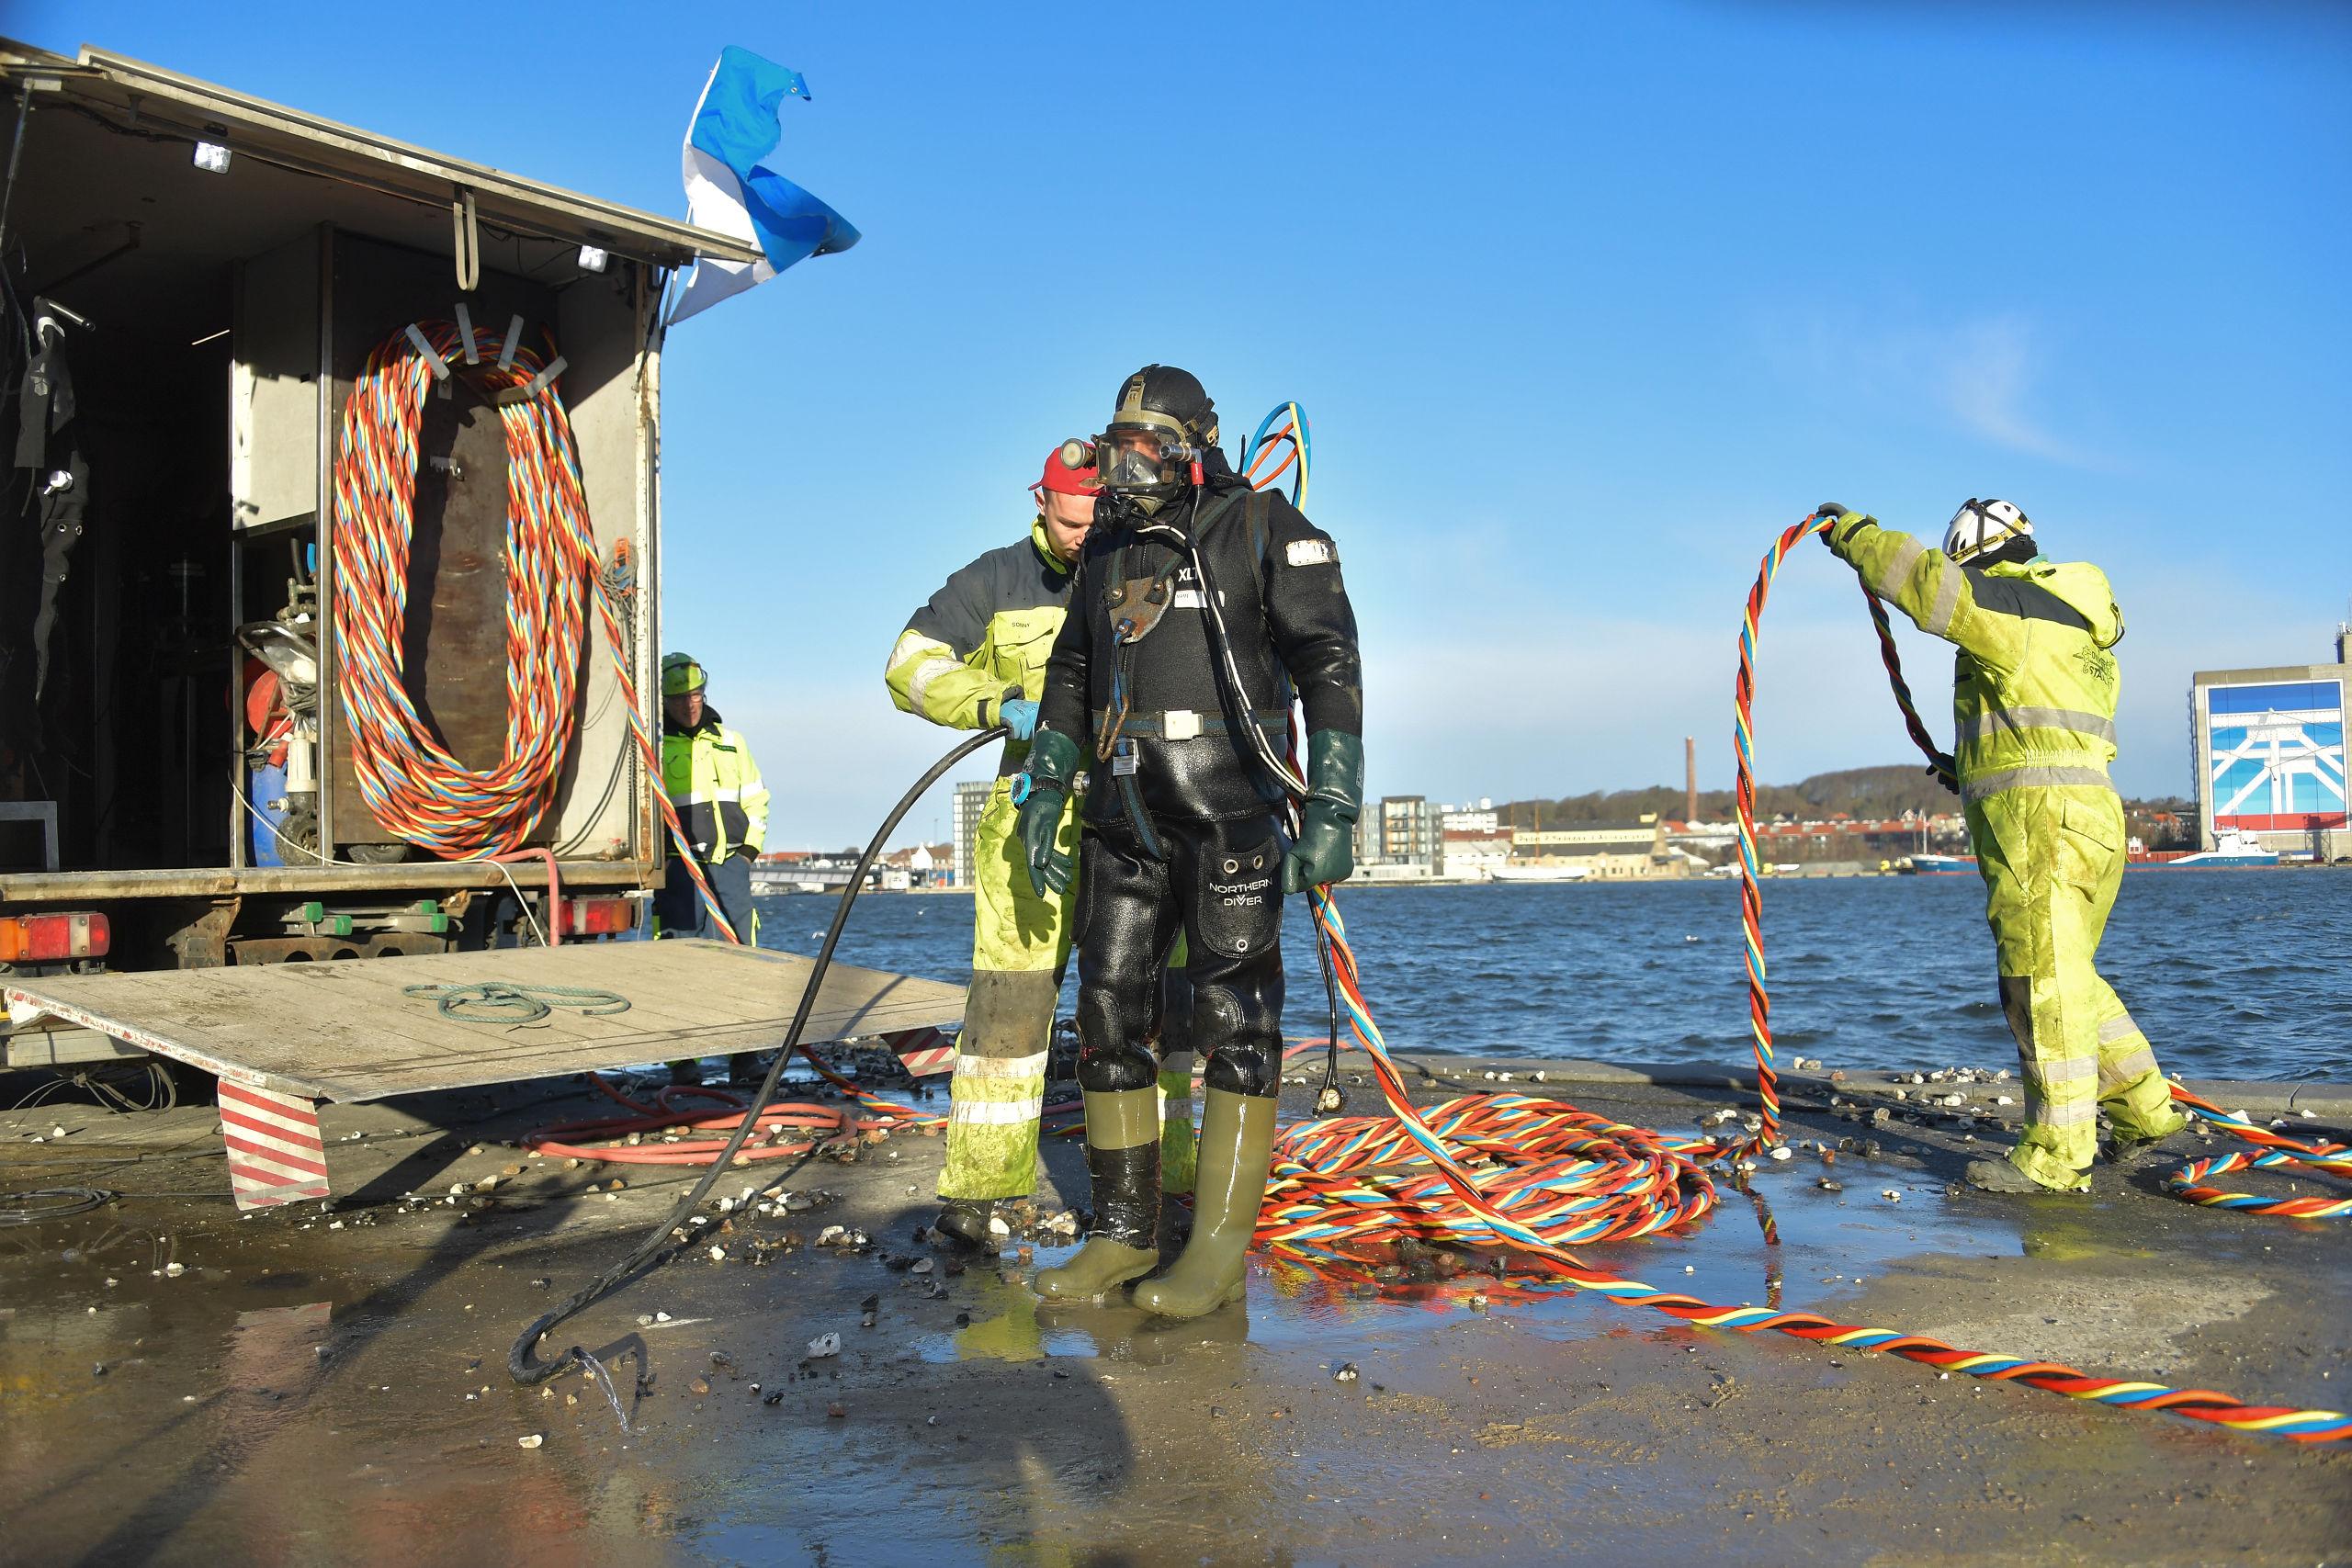 Dykkerne arbejder på skift på bunden, og Sonny Rasmussen har været i vandet i ca. 135 minutter og skal derfor have en tiltrængt pause. Foto: Claus Søndberg